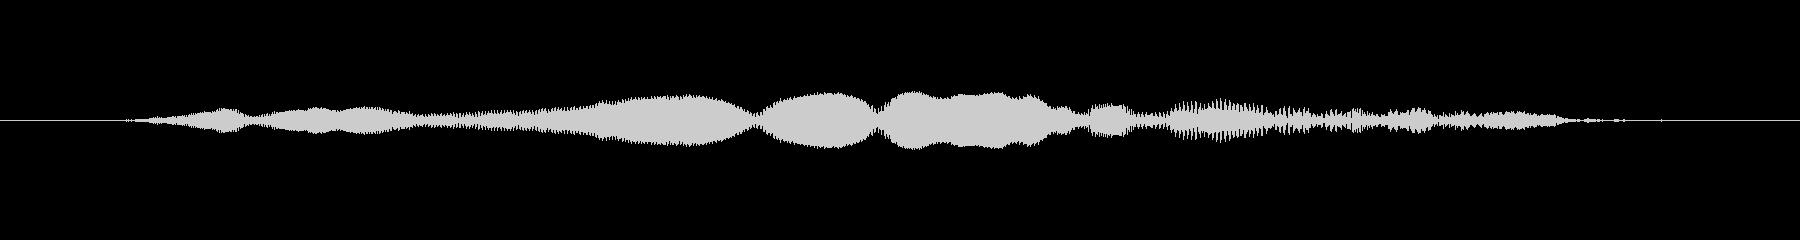 小さい食虫のようなクリーチャー:単...の未再生の波形